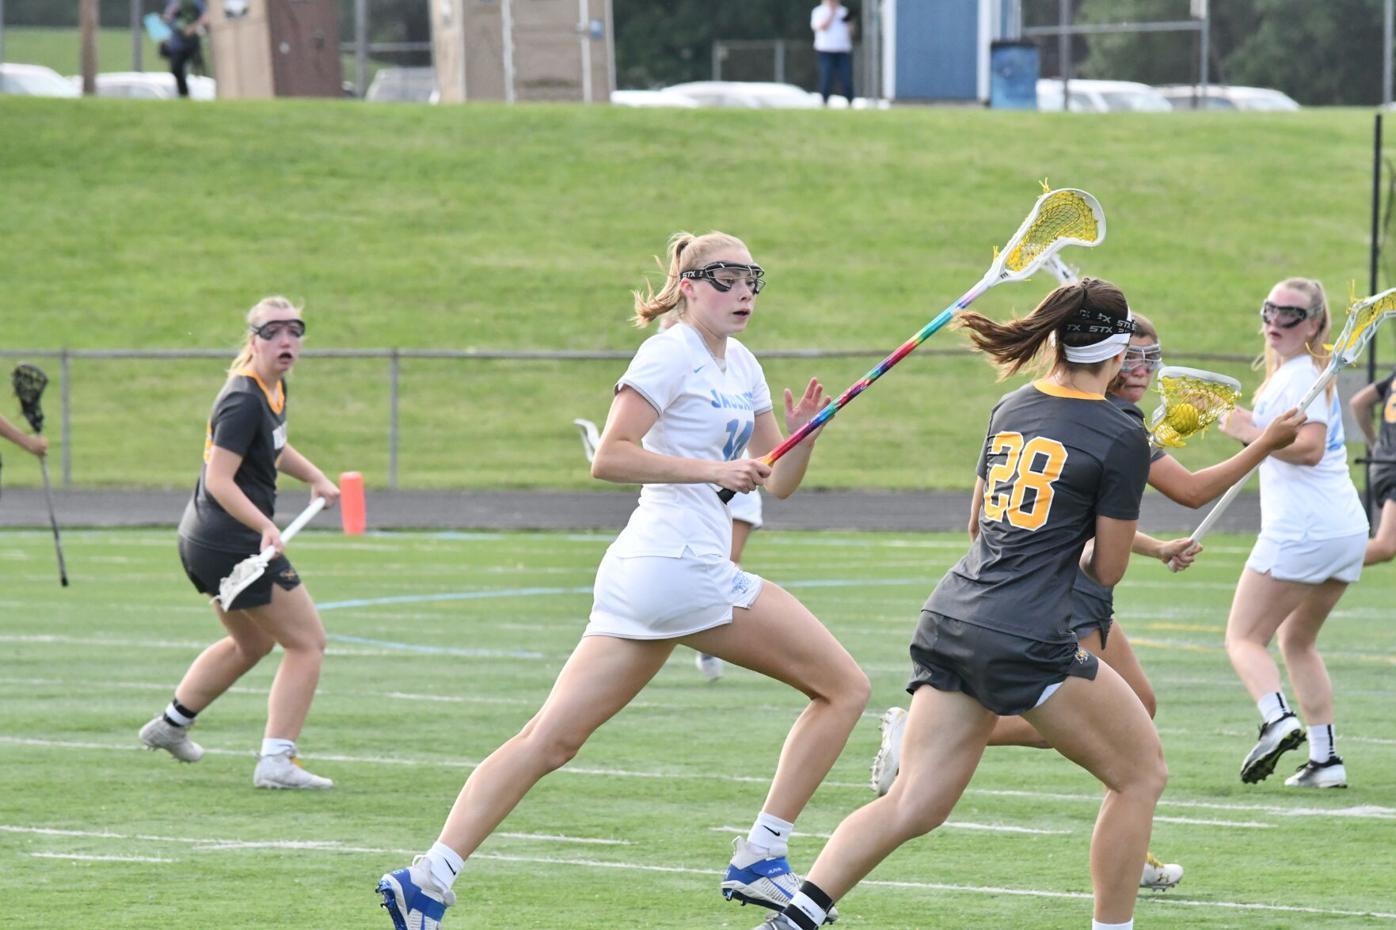 Jefferson girls lacrosse